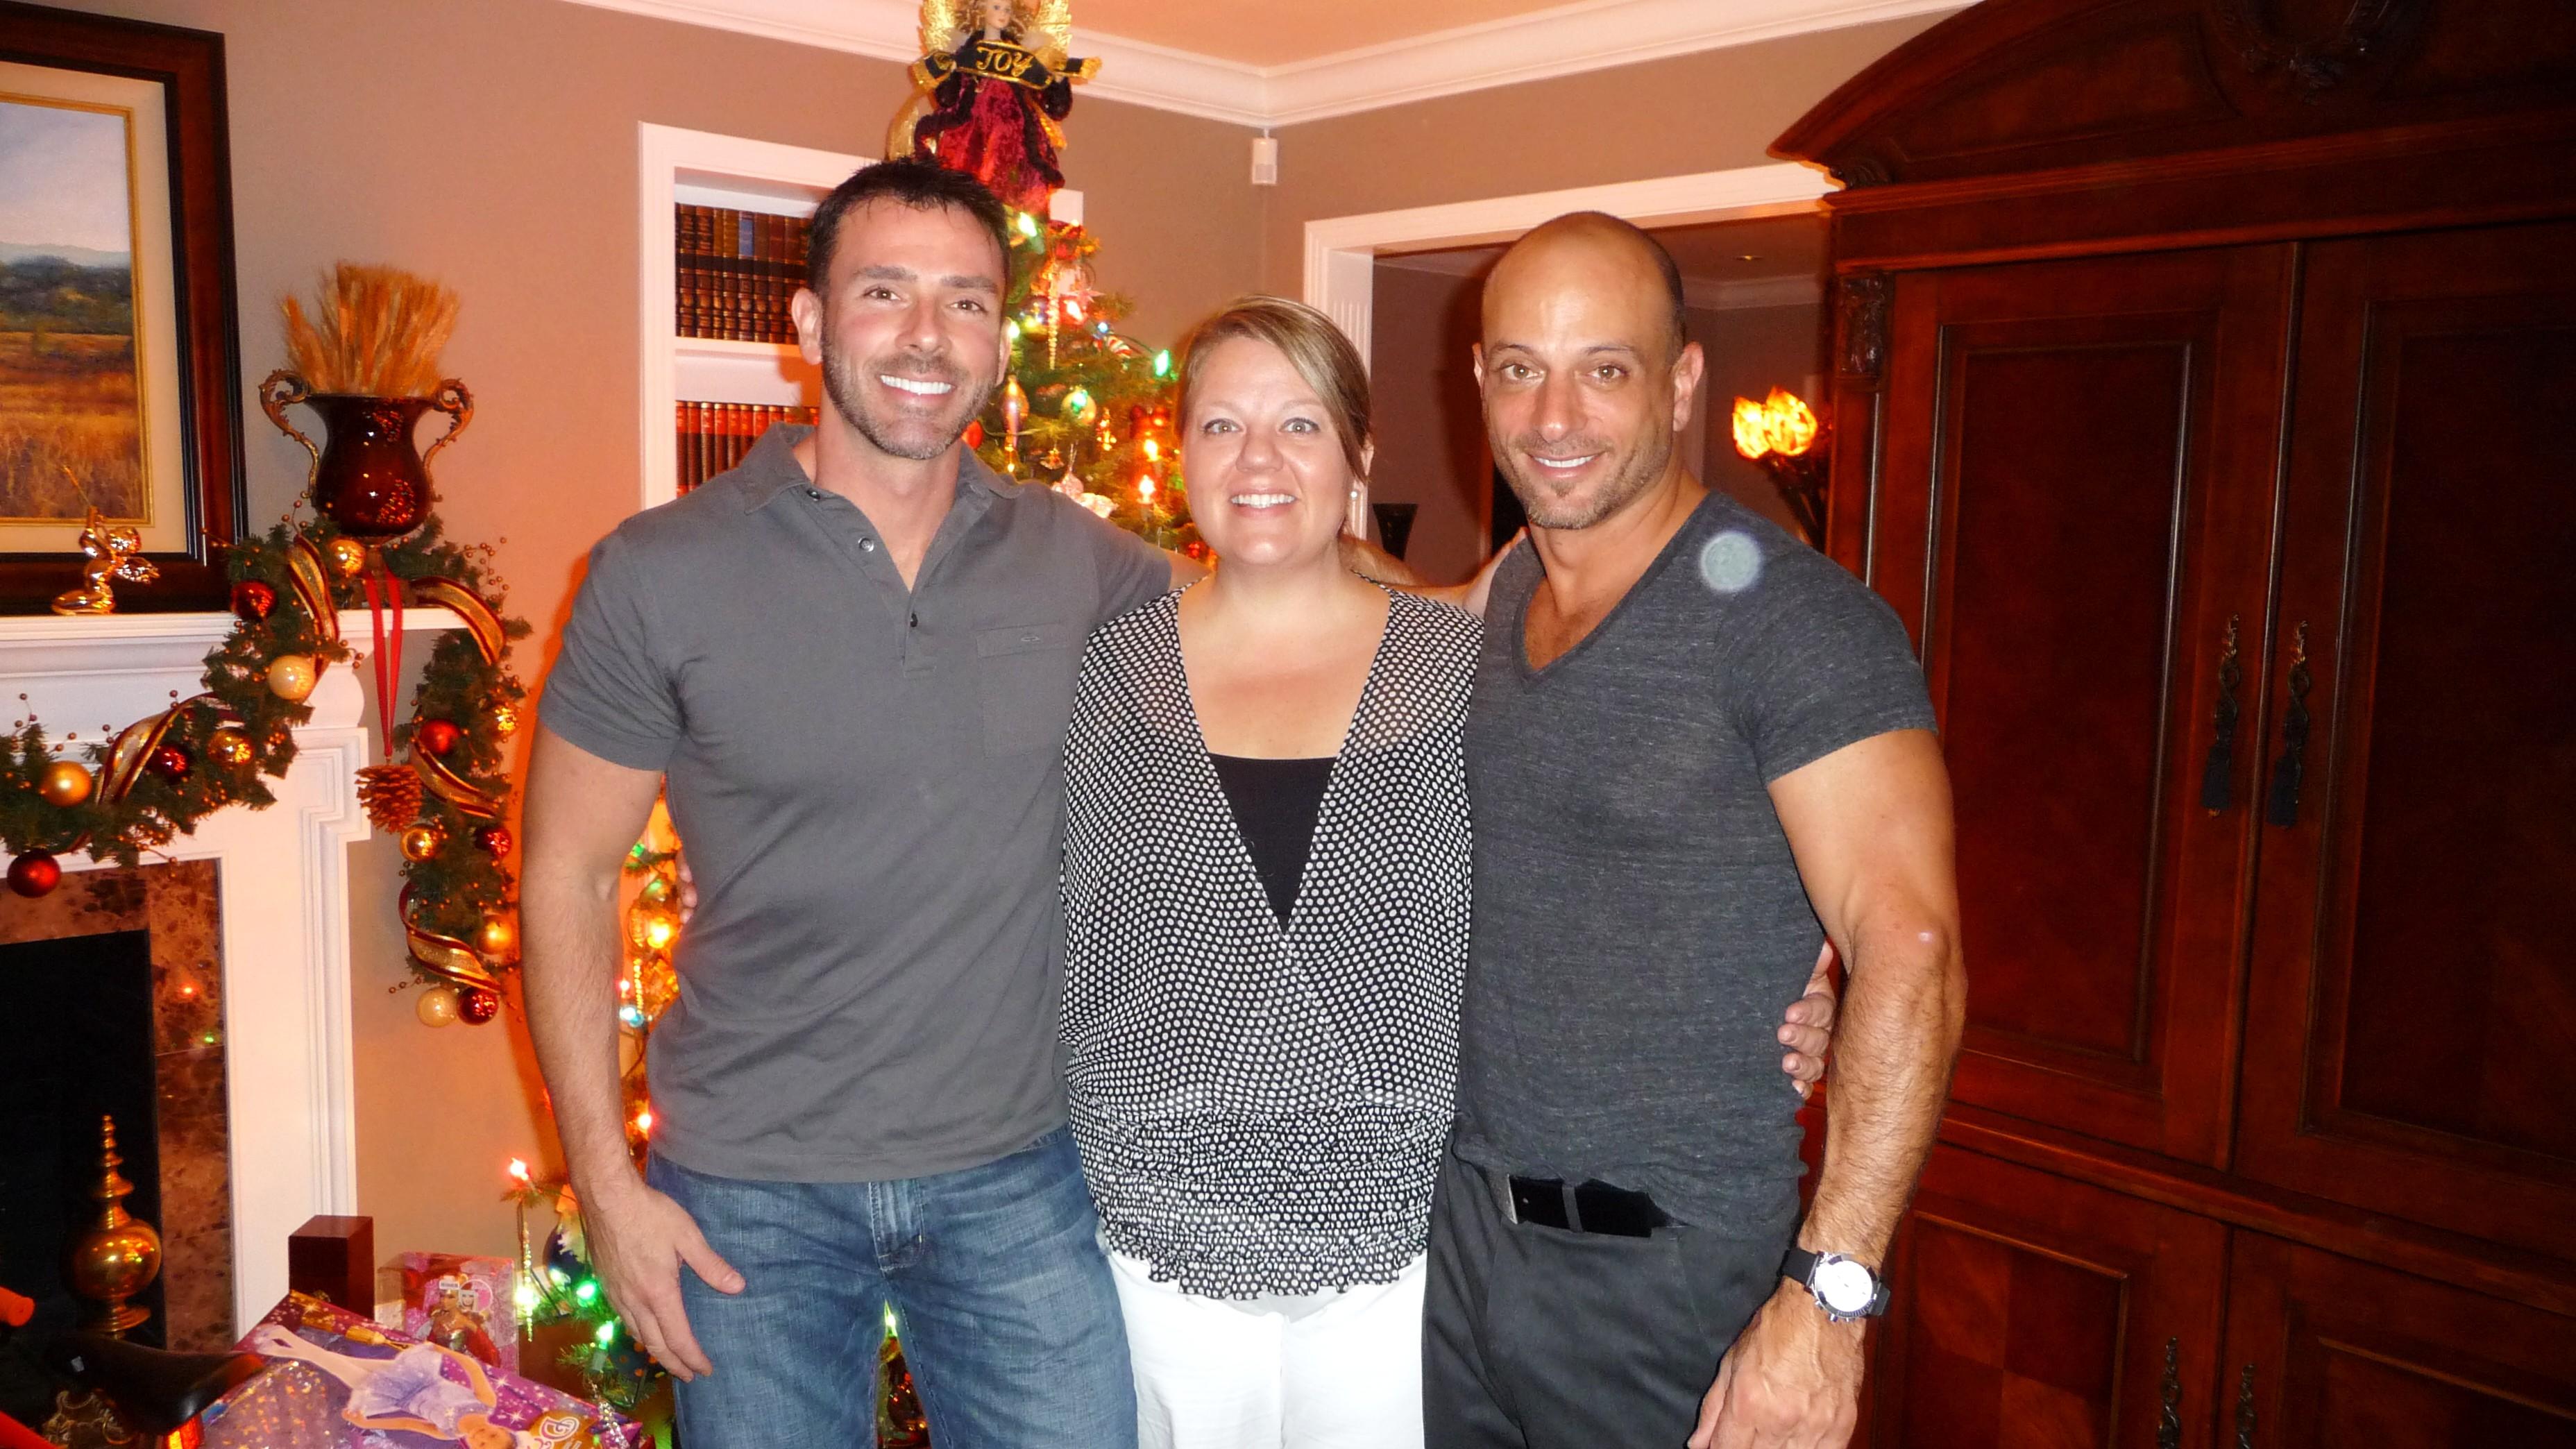 Chris, April & Nico